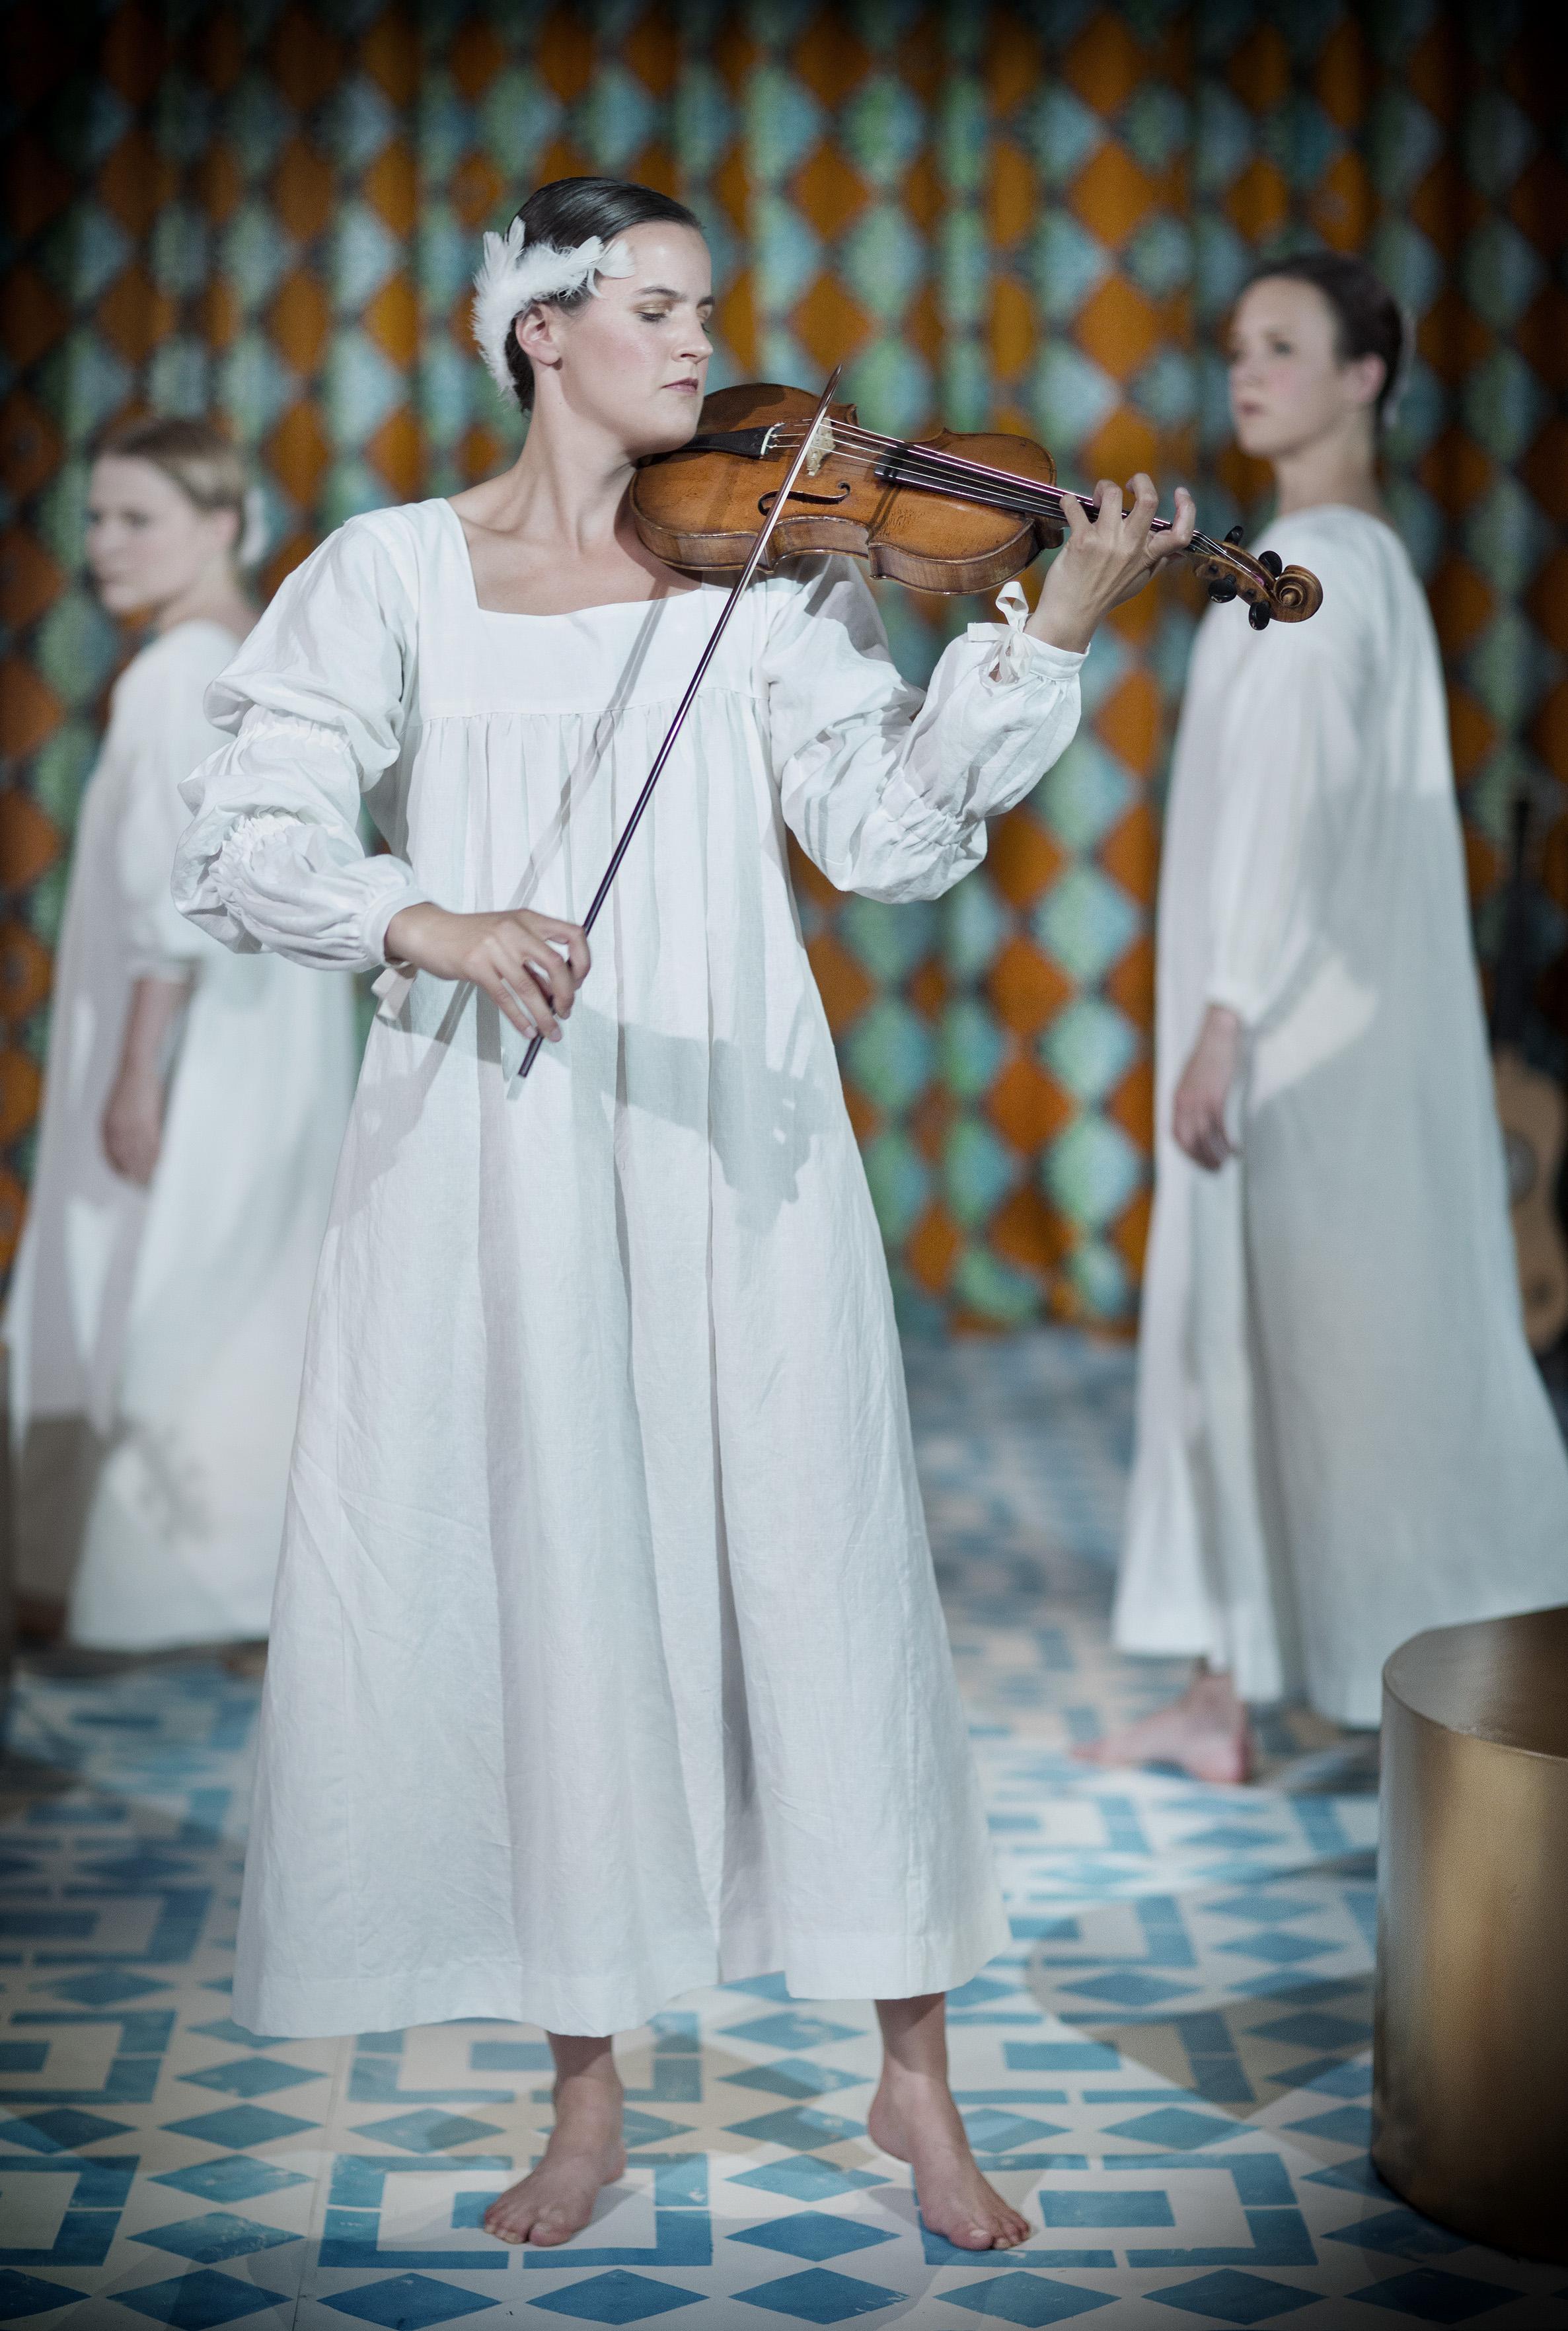 Christina Larsson Malmberg, sopran, Catalina Langborn, barockviolin, Karin Modigh, barockdans. Foto: Markus Gårder.